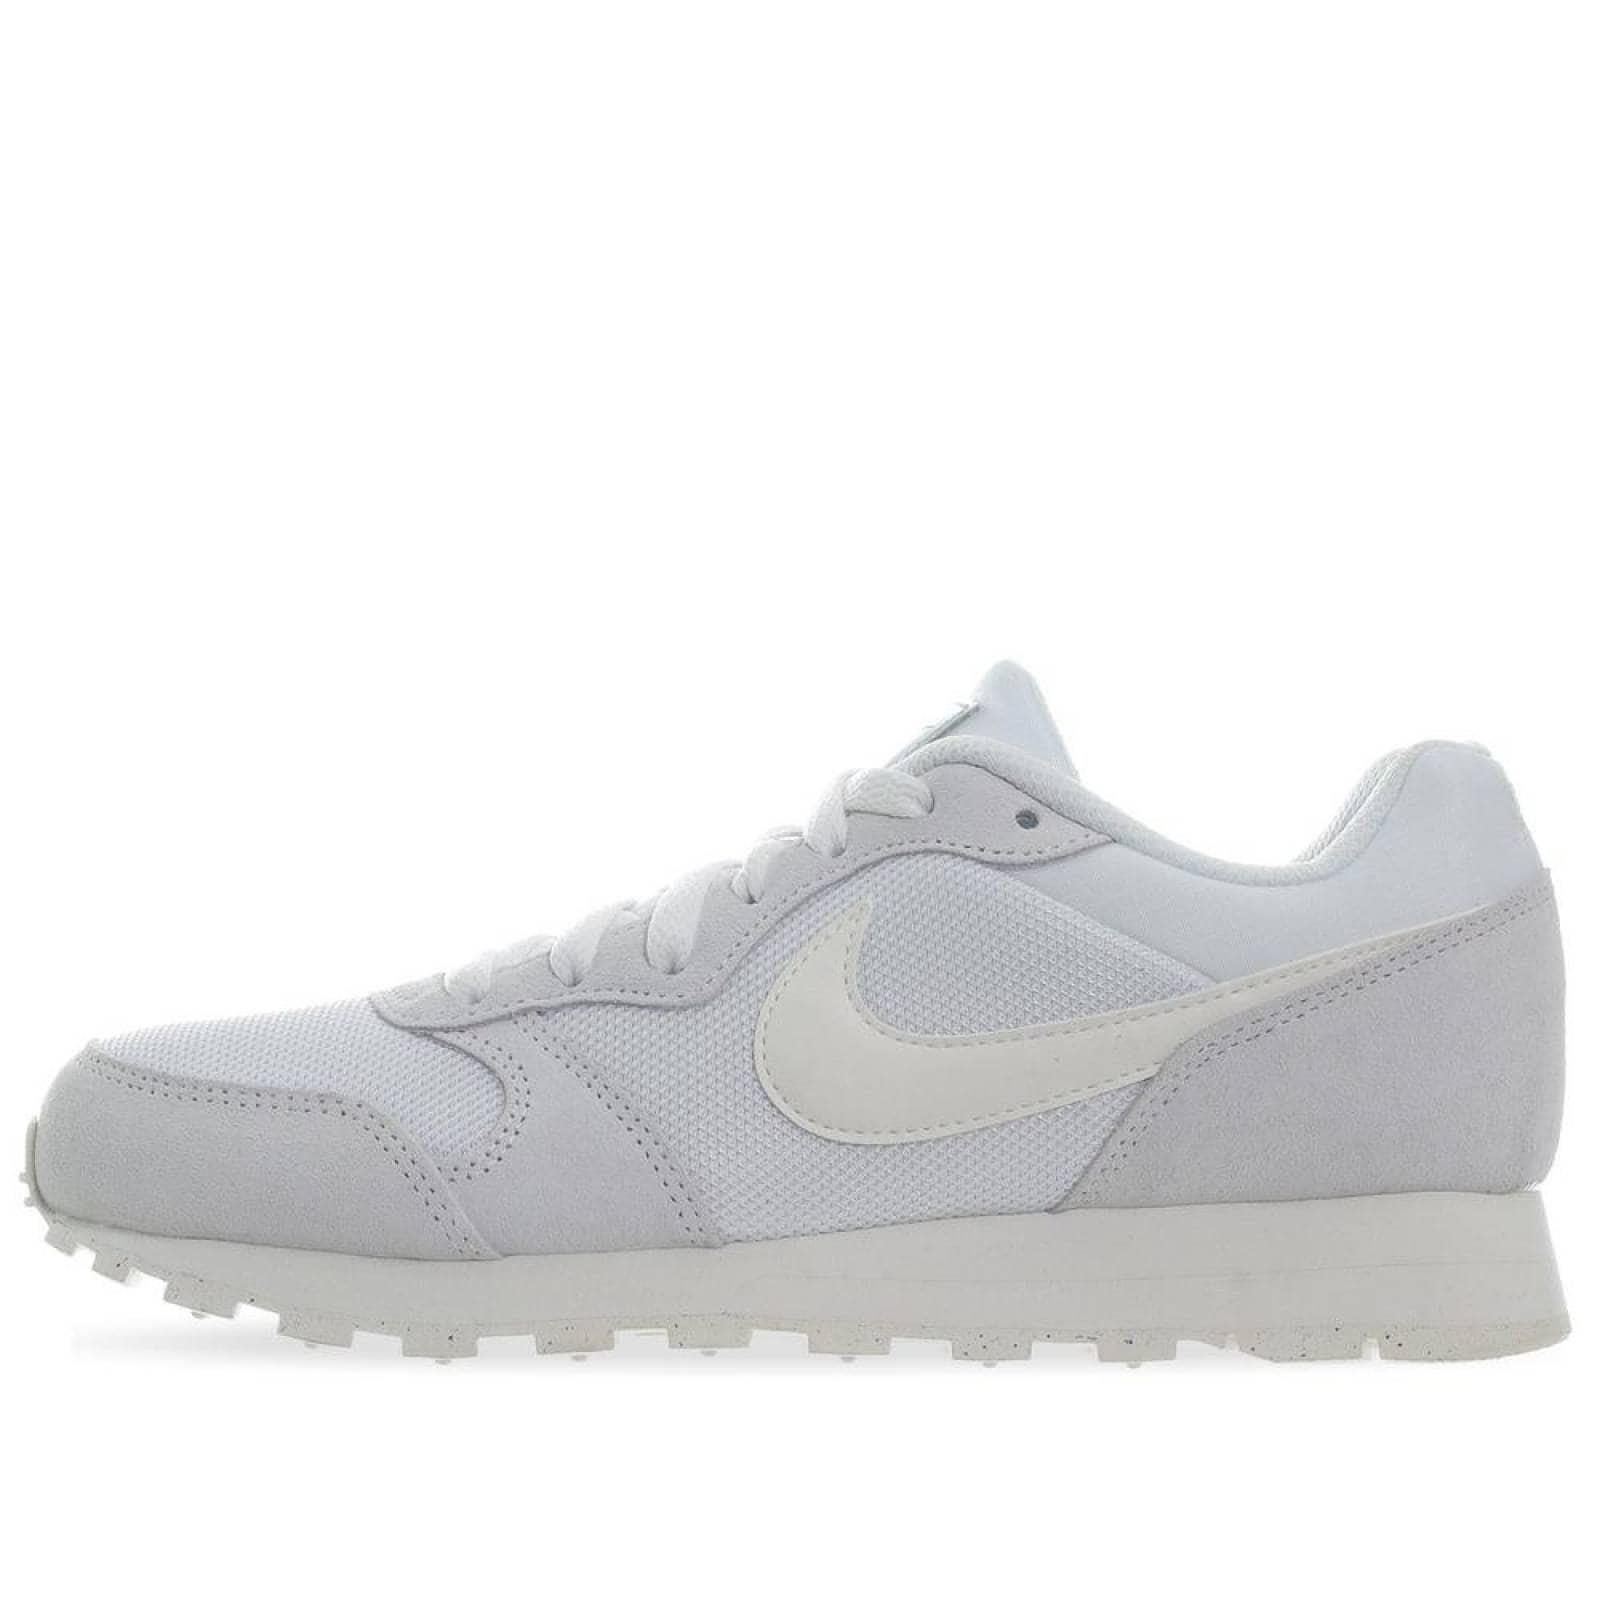 Tenis Nike MD Runner 2 749869102 Blanco Mujer